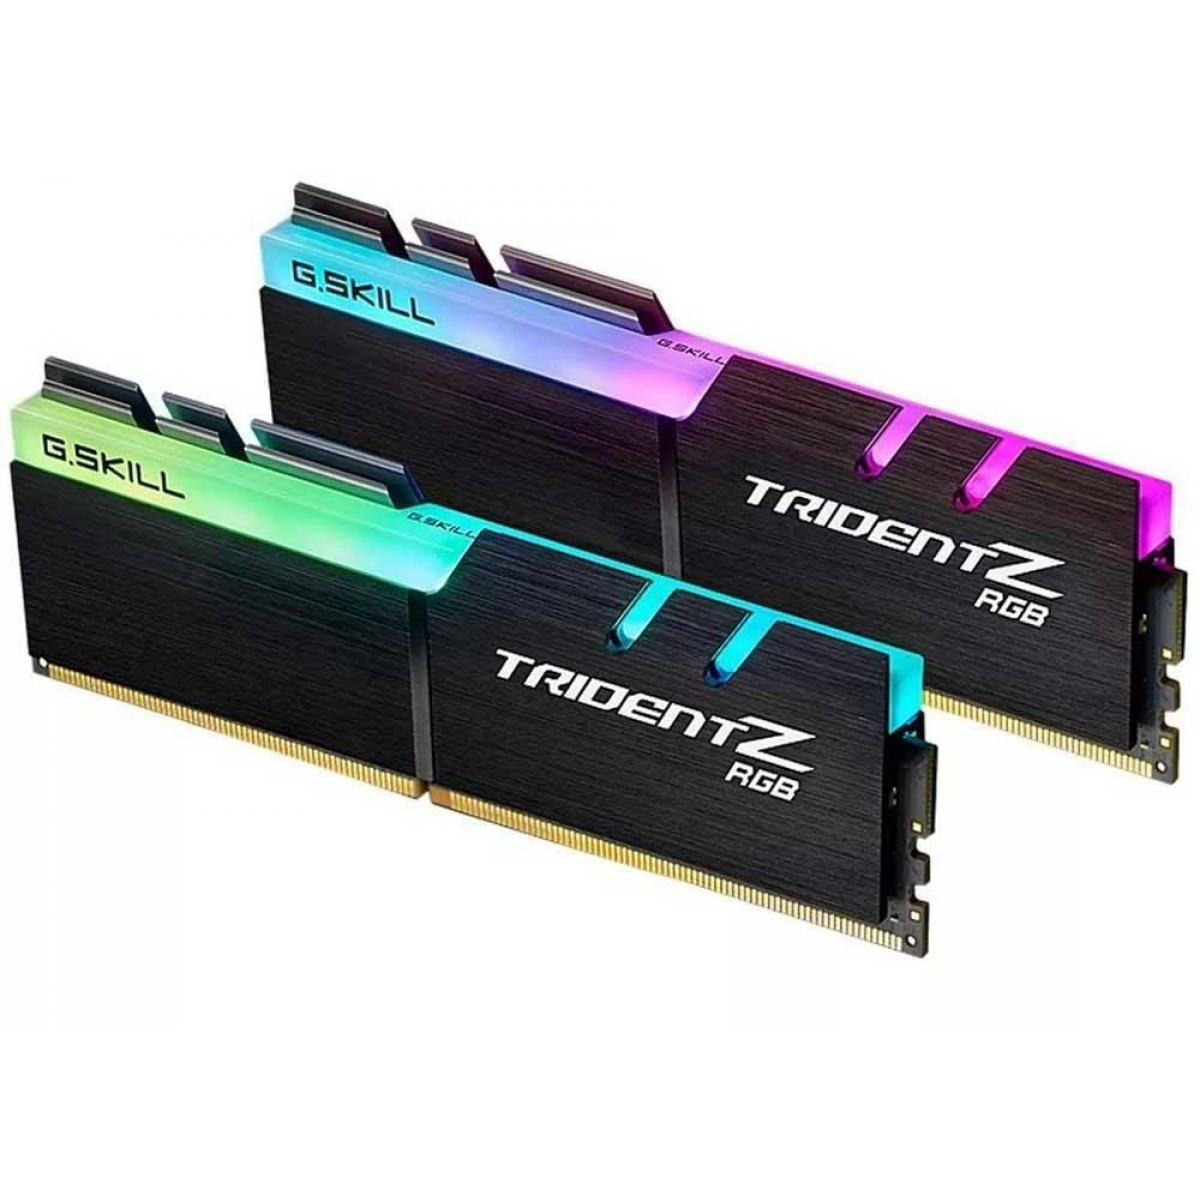 Memória DDR4 G.Skill Trident Z RGB, 32GB (2x16GB) 3200MHz, F4-3200C16D-32GTZR